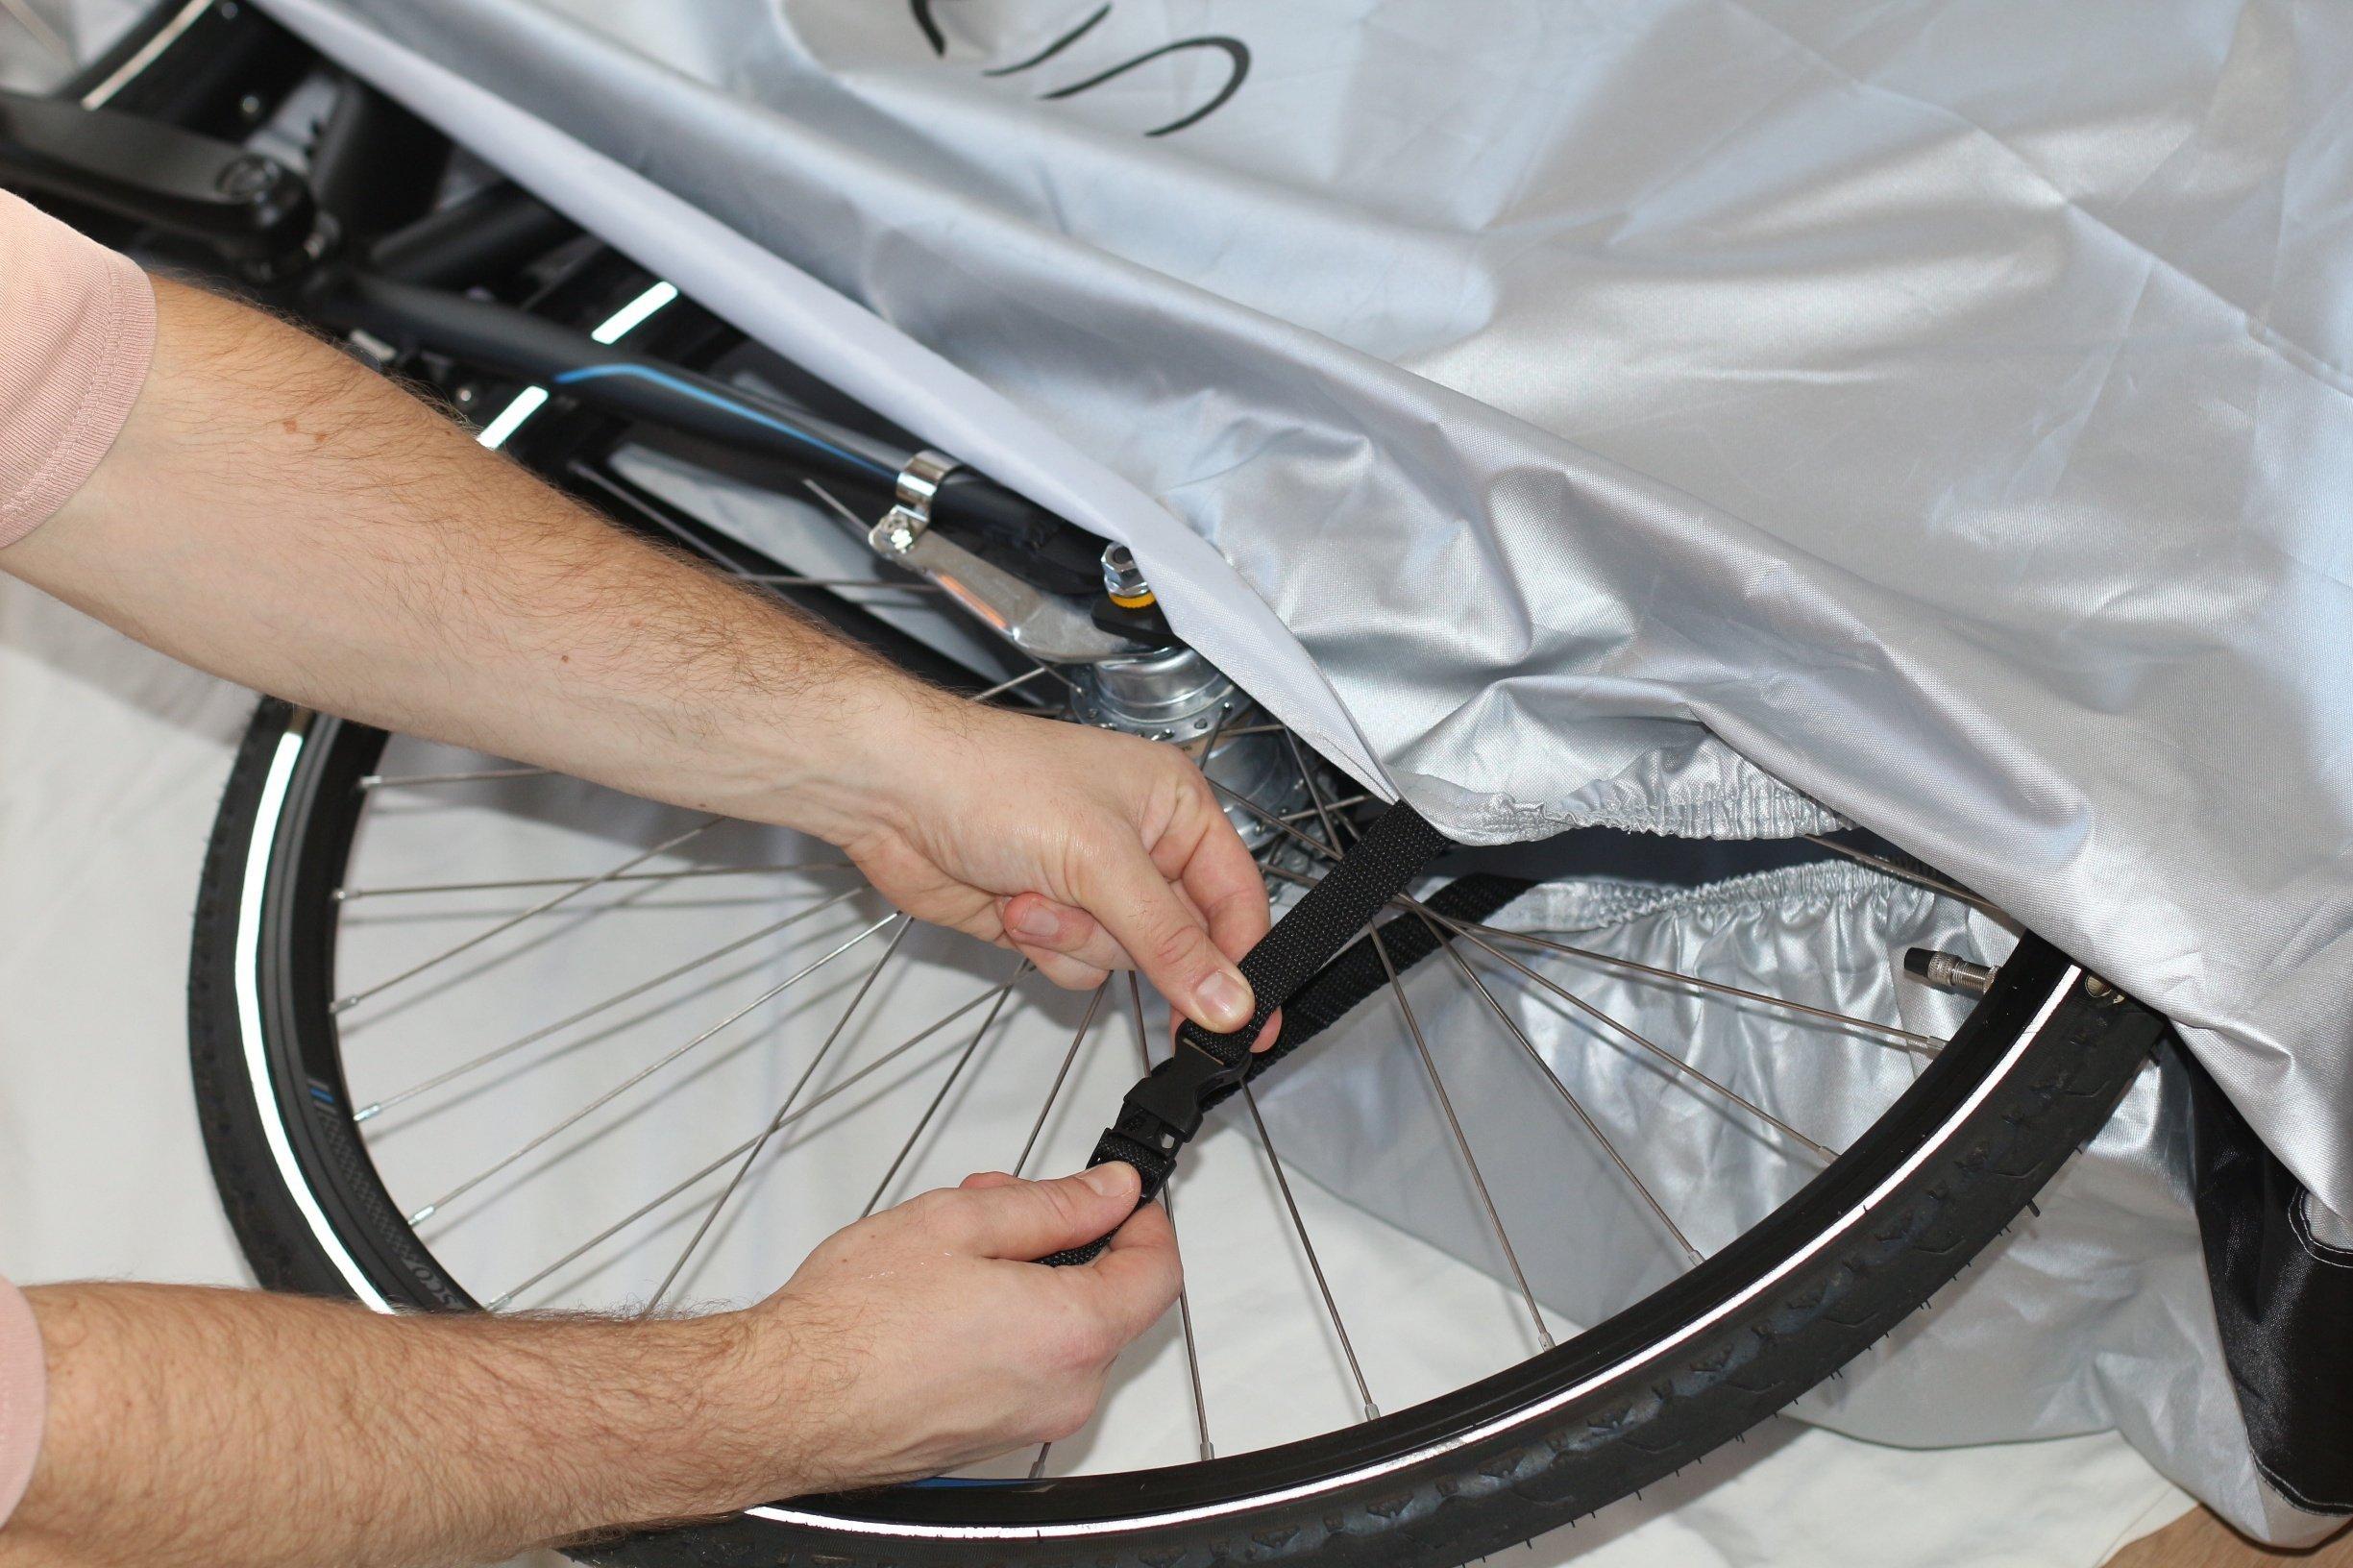 Fahrradabdeckung: Wasserdicht, 300D Oxford, Nylon, Für Zwei Fahrräder mit Befestigungsschnalle und eine Aussparung für das Fahrradschloss, inklusive Eines Aufbewahrungsbeutels